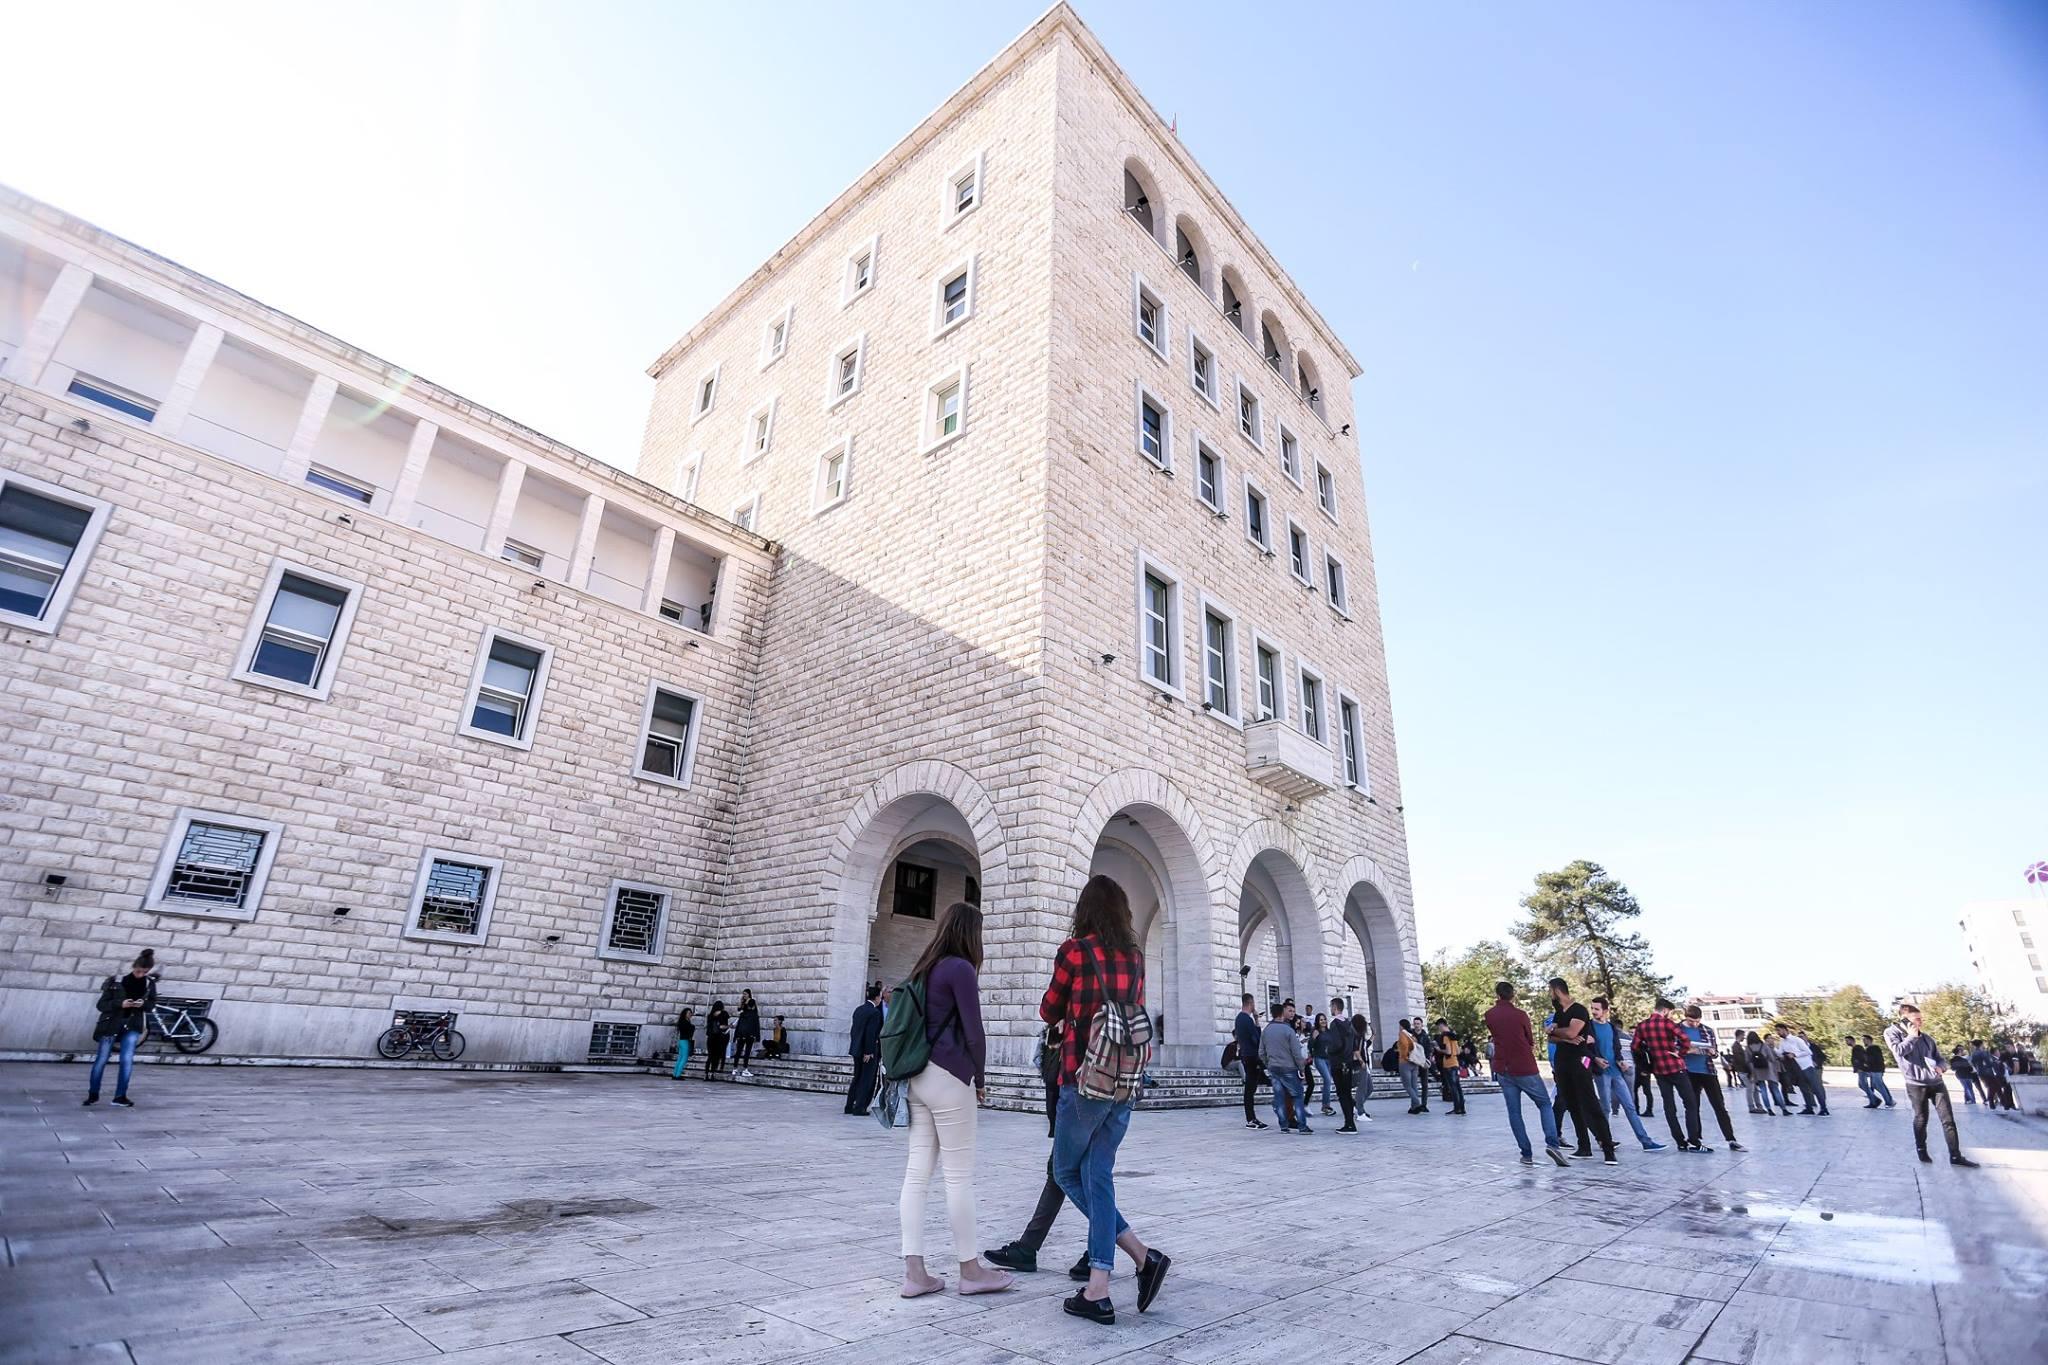 Aplikimet në universitete, 88% tek publiku – Lapsi.al